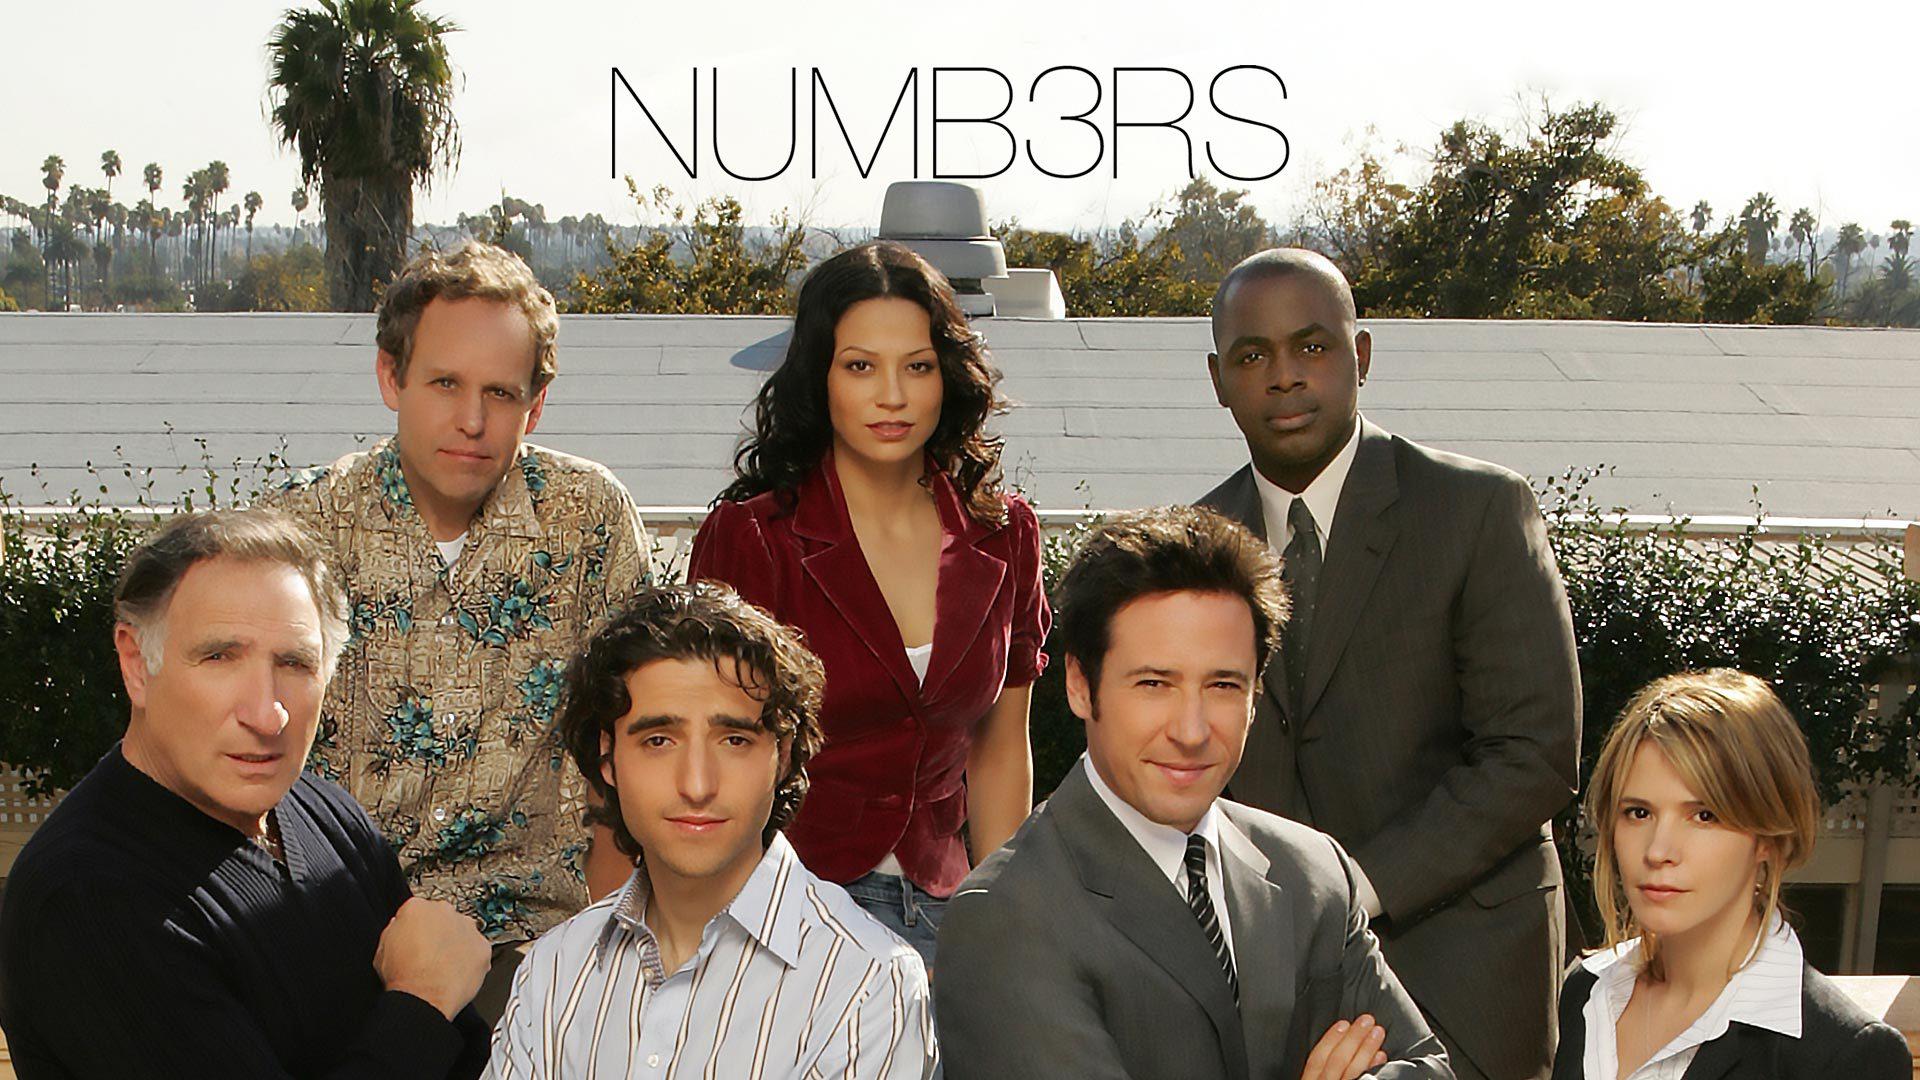 Numb3rs Season 1